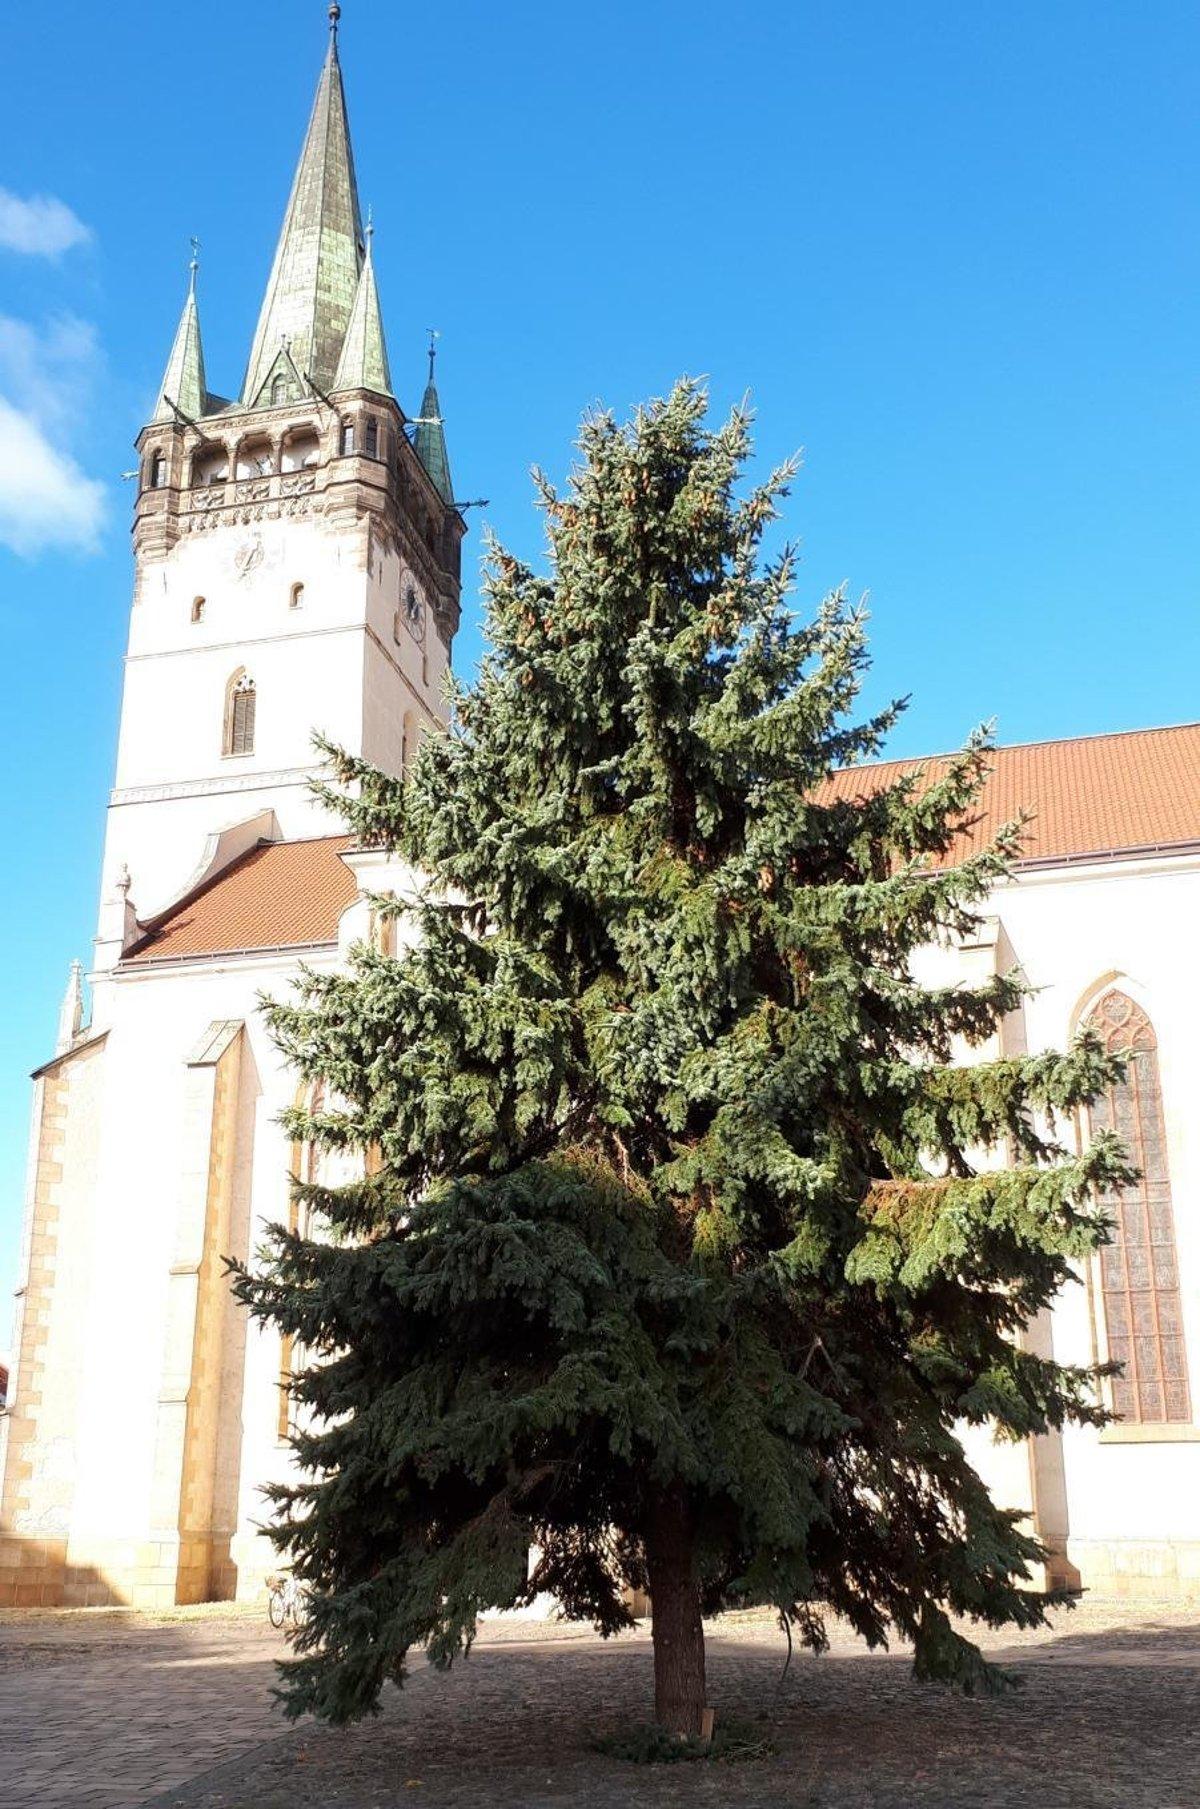 9d2a21ffc3d5 Vianočné trhy v Prešove sa začnú rozsvietením výzdoby - Korzár SME